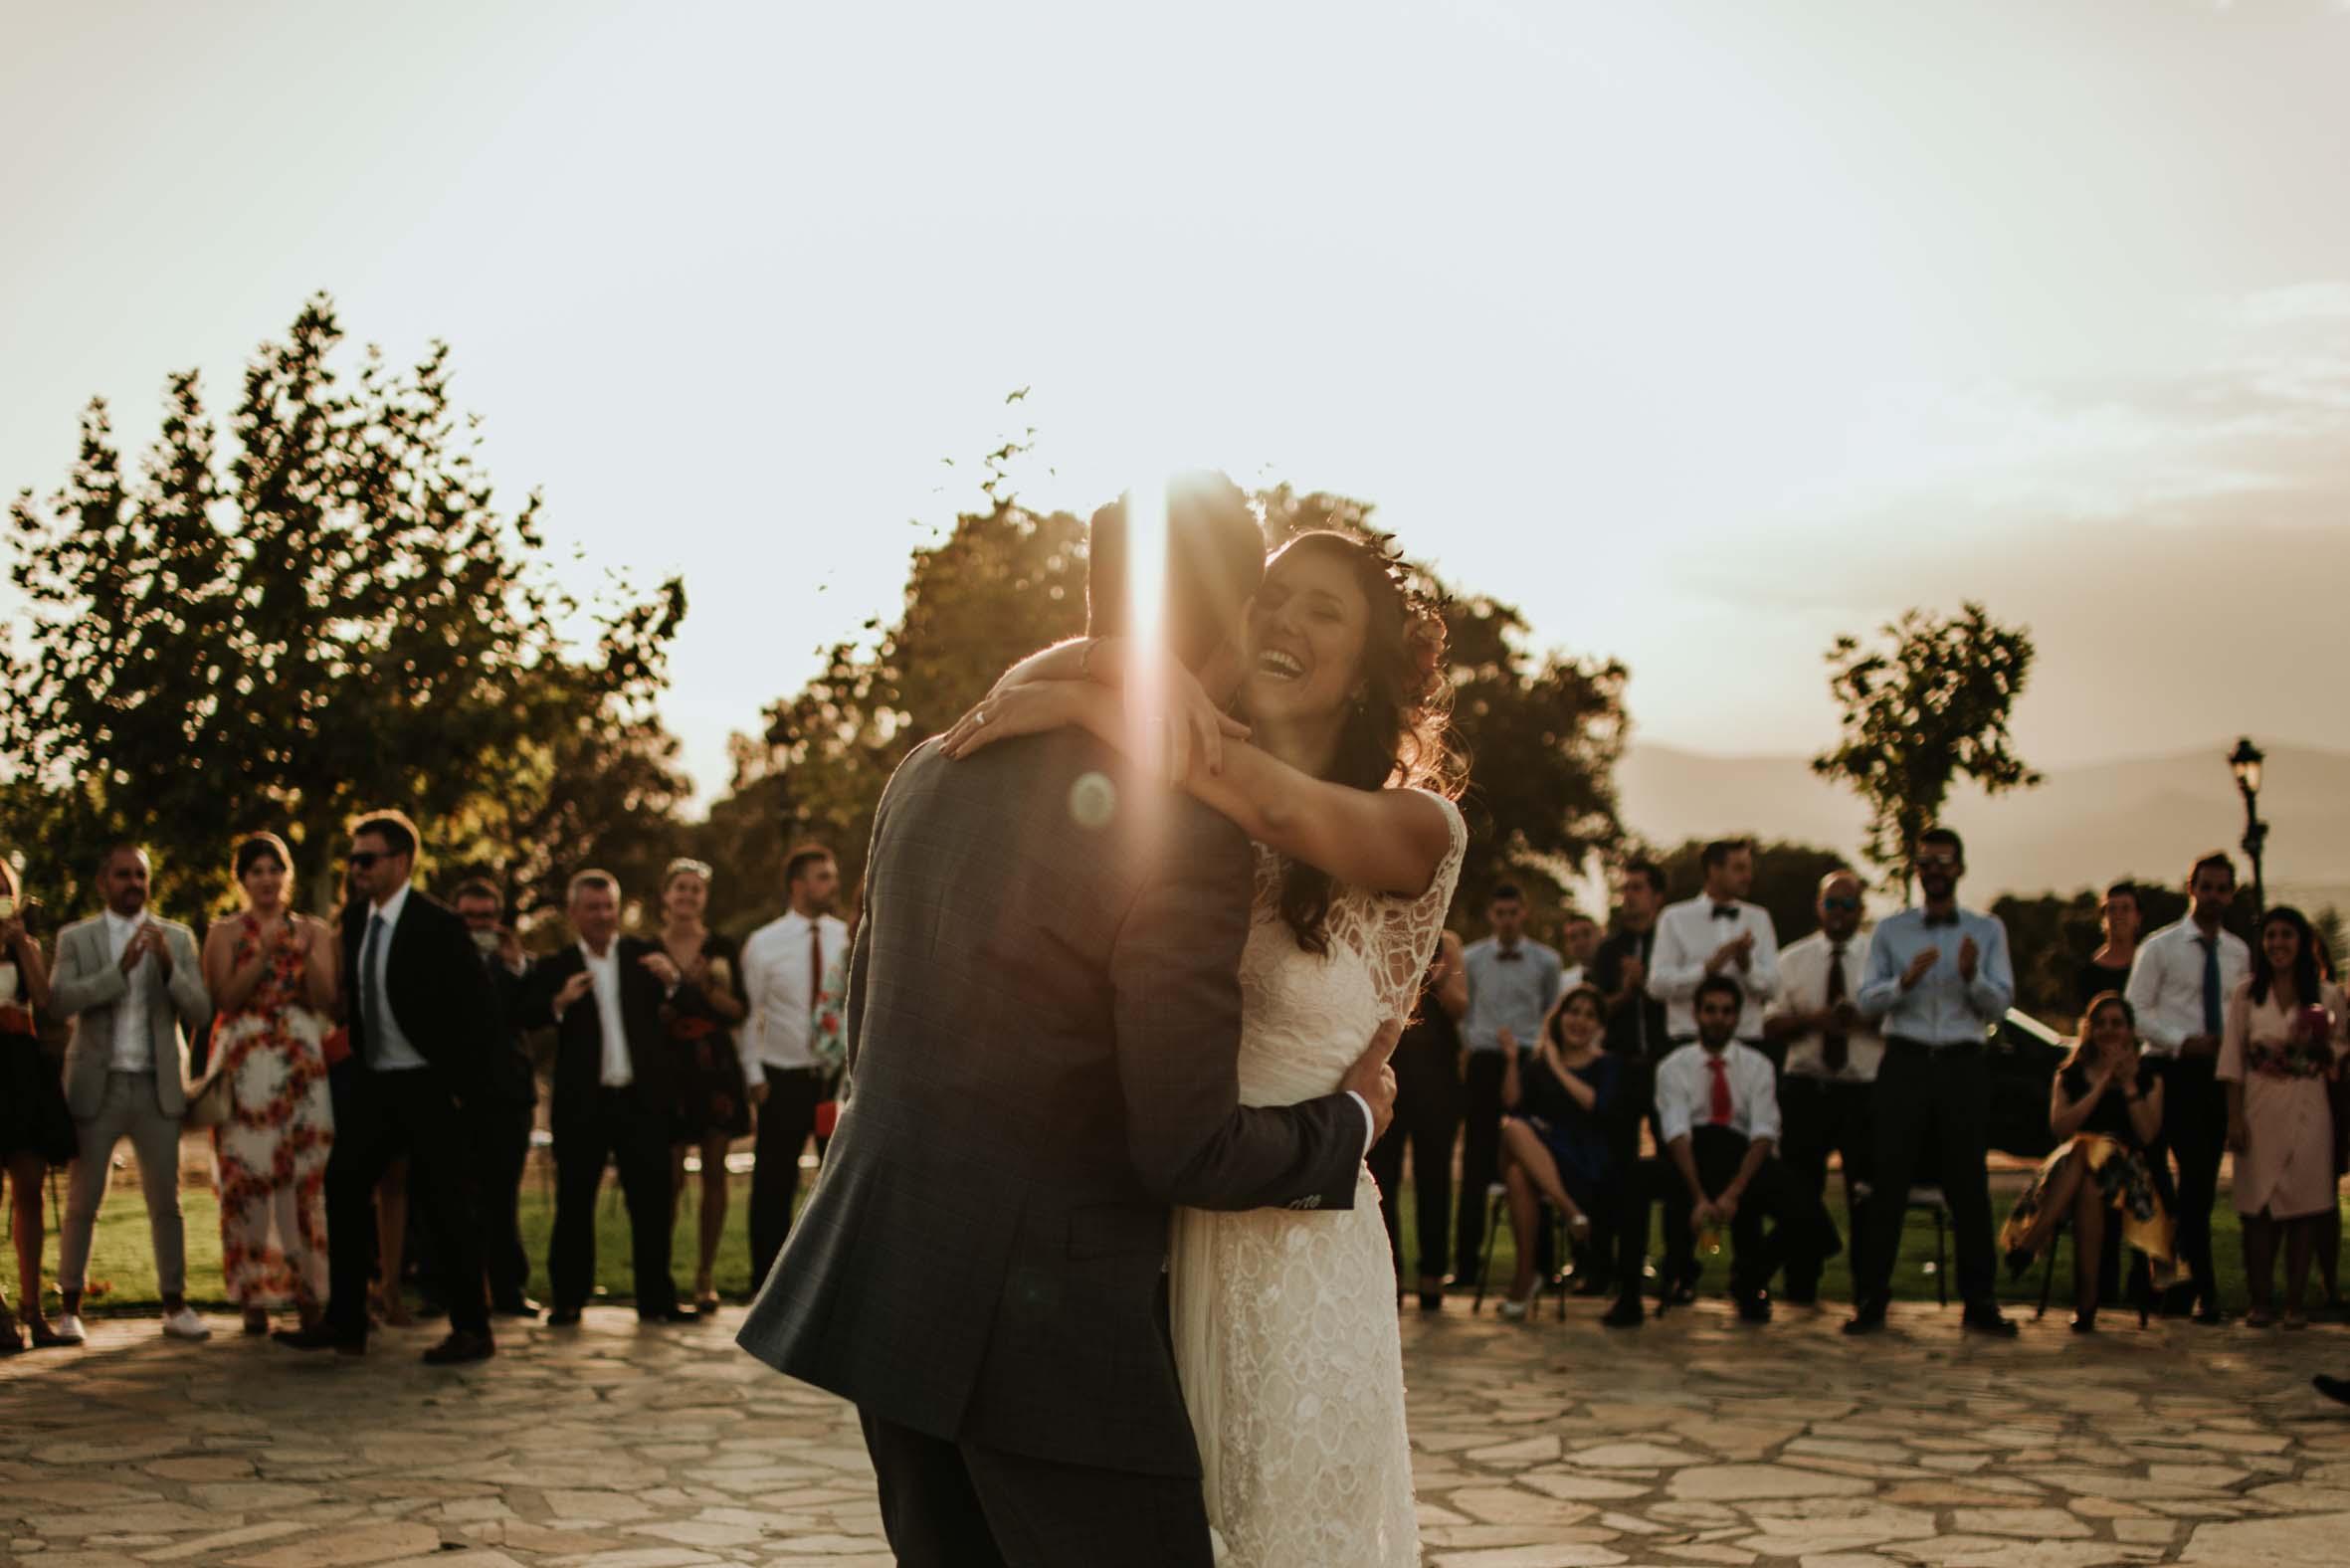 La boda boho de Noemí y Javier - Lalablu